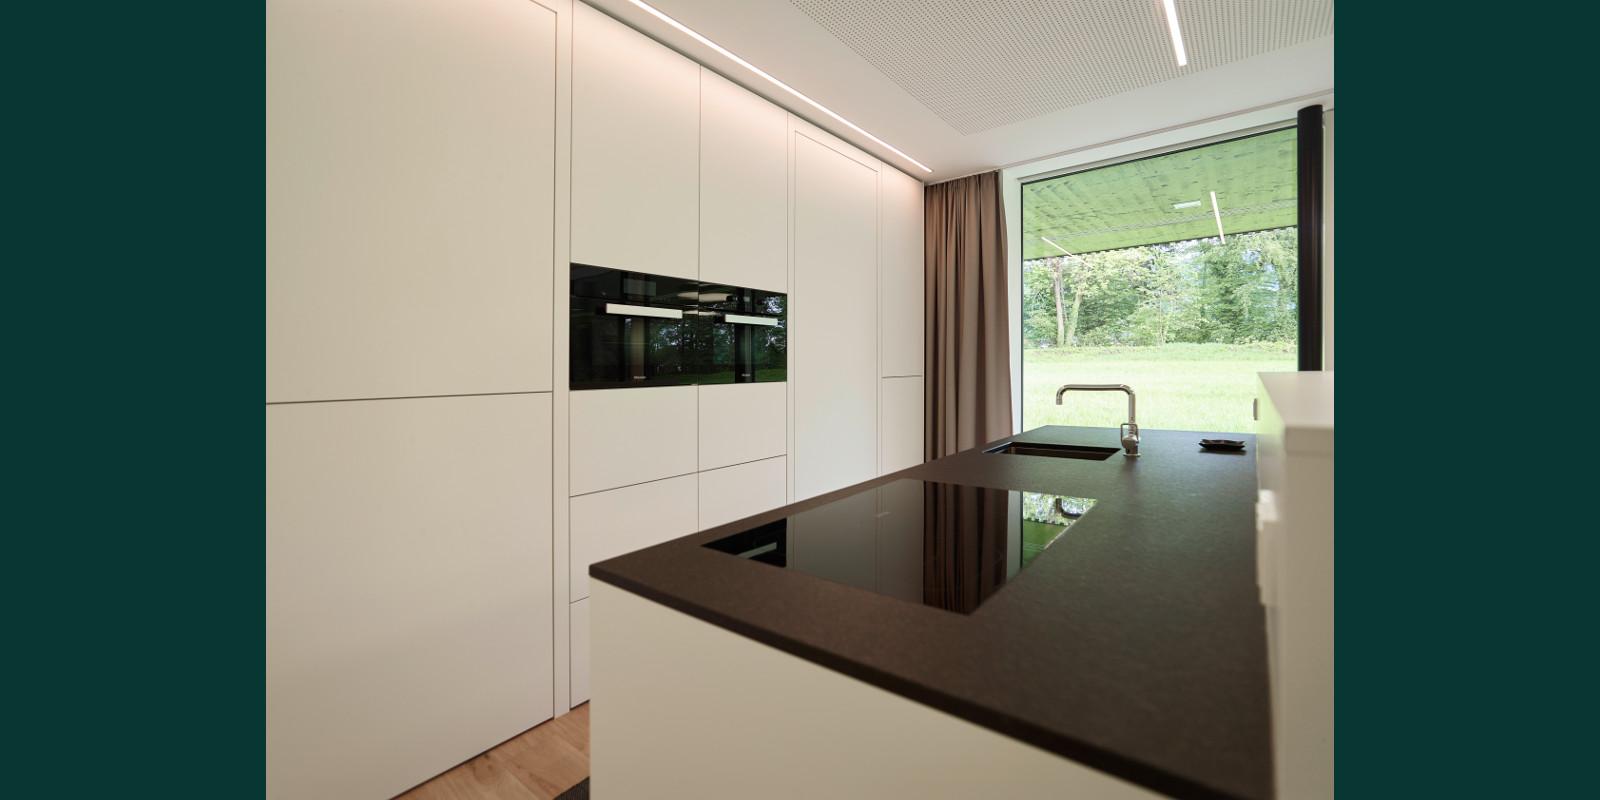 Hörbranz6_Innen_Küche1